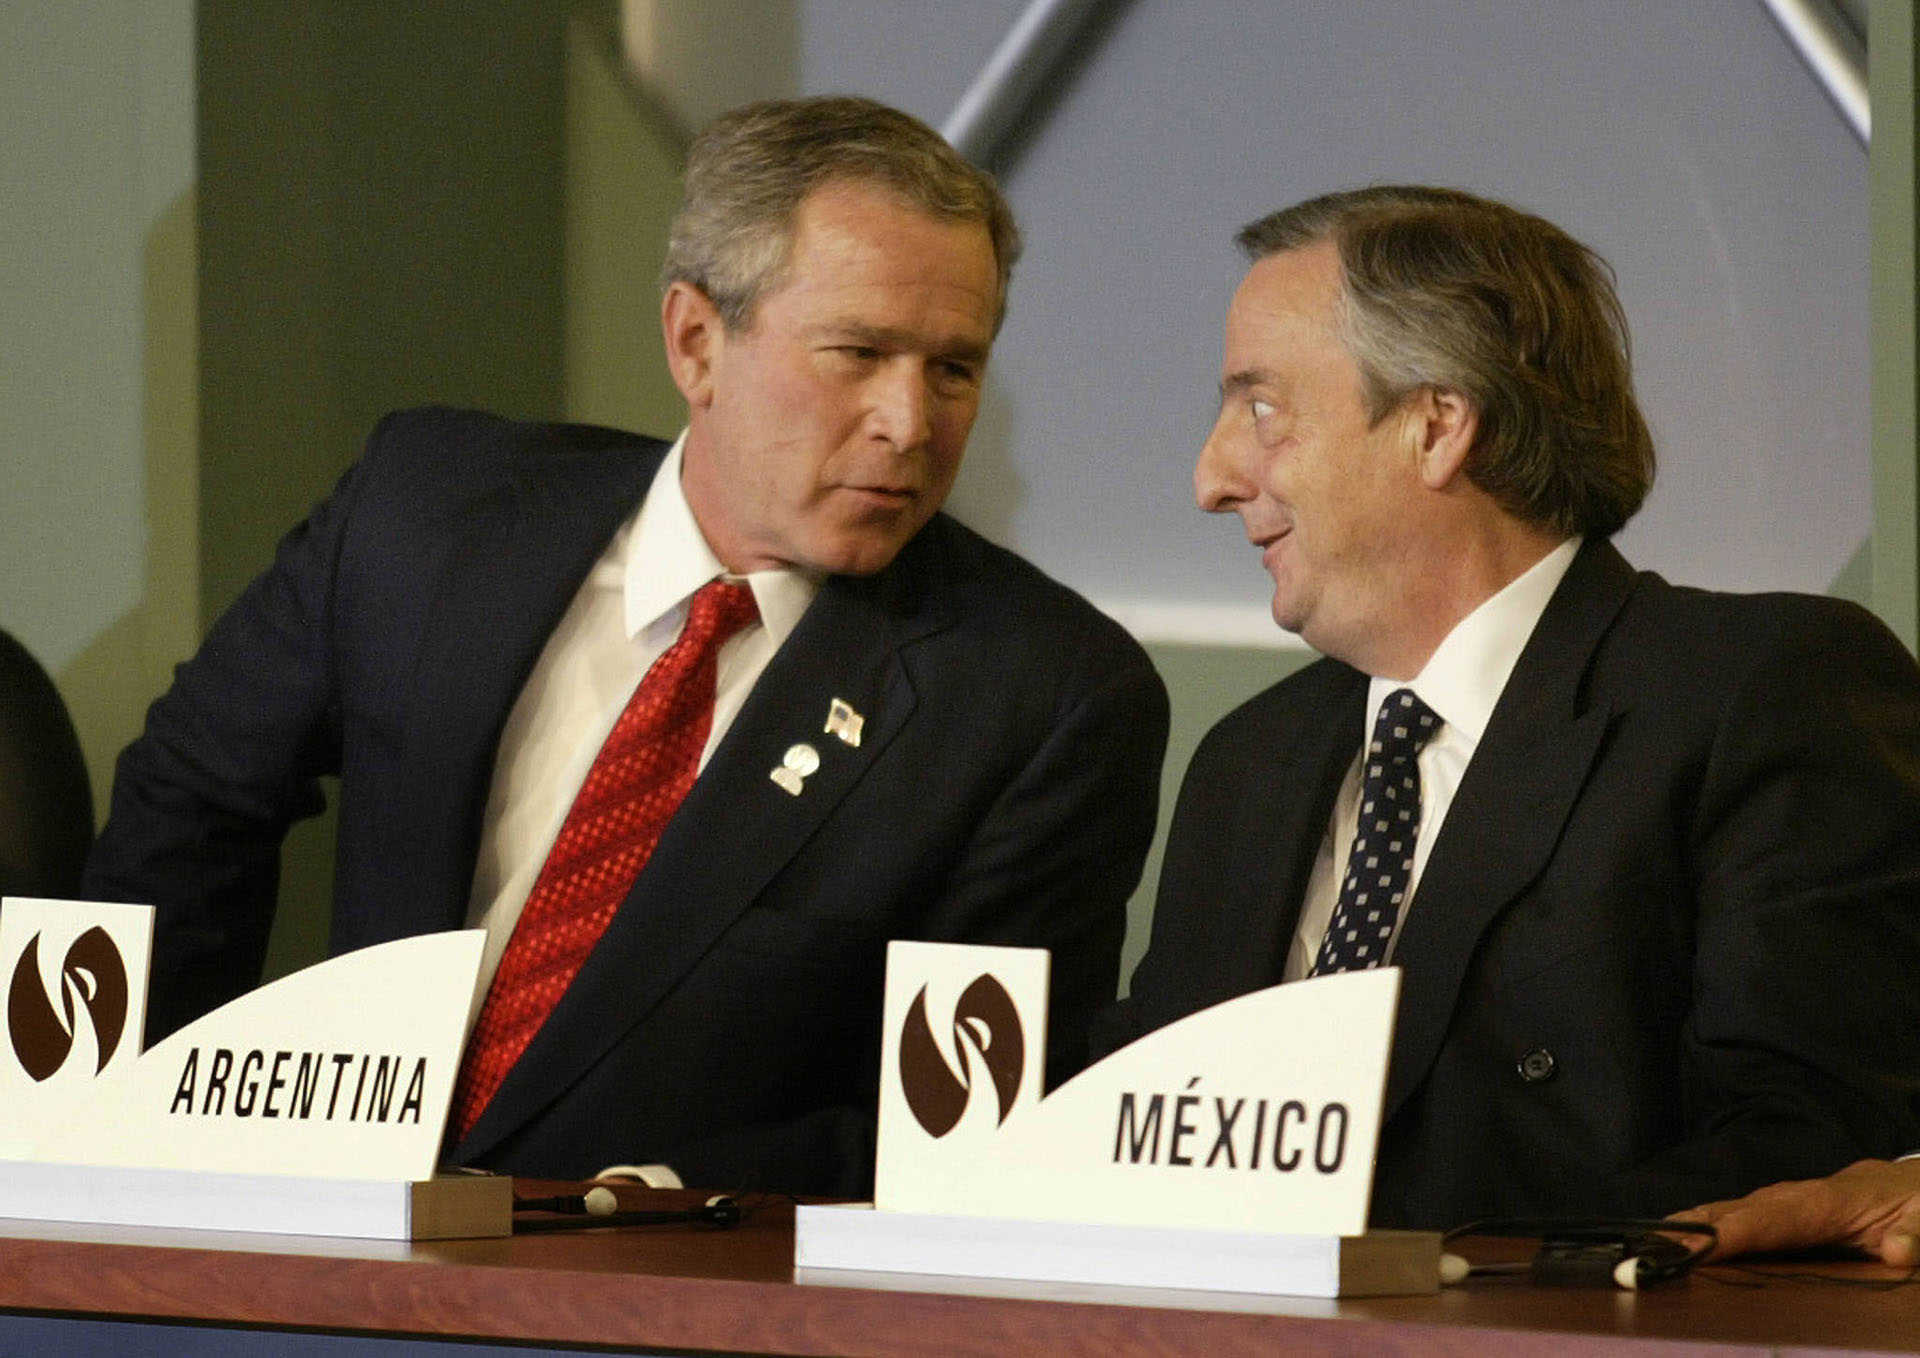 El presidente de los Estados Unidos, George W. Bush, habla con el presidente de Argentina, Nestor Kirchner, en la ceremonia de inauguración de la Cumbre Extraordinaria de las Américas, en 2004